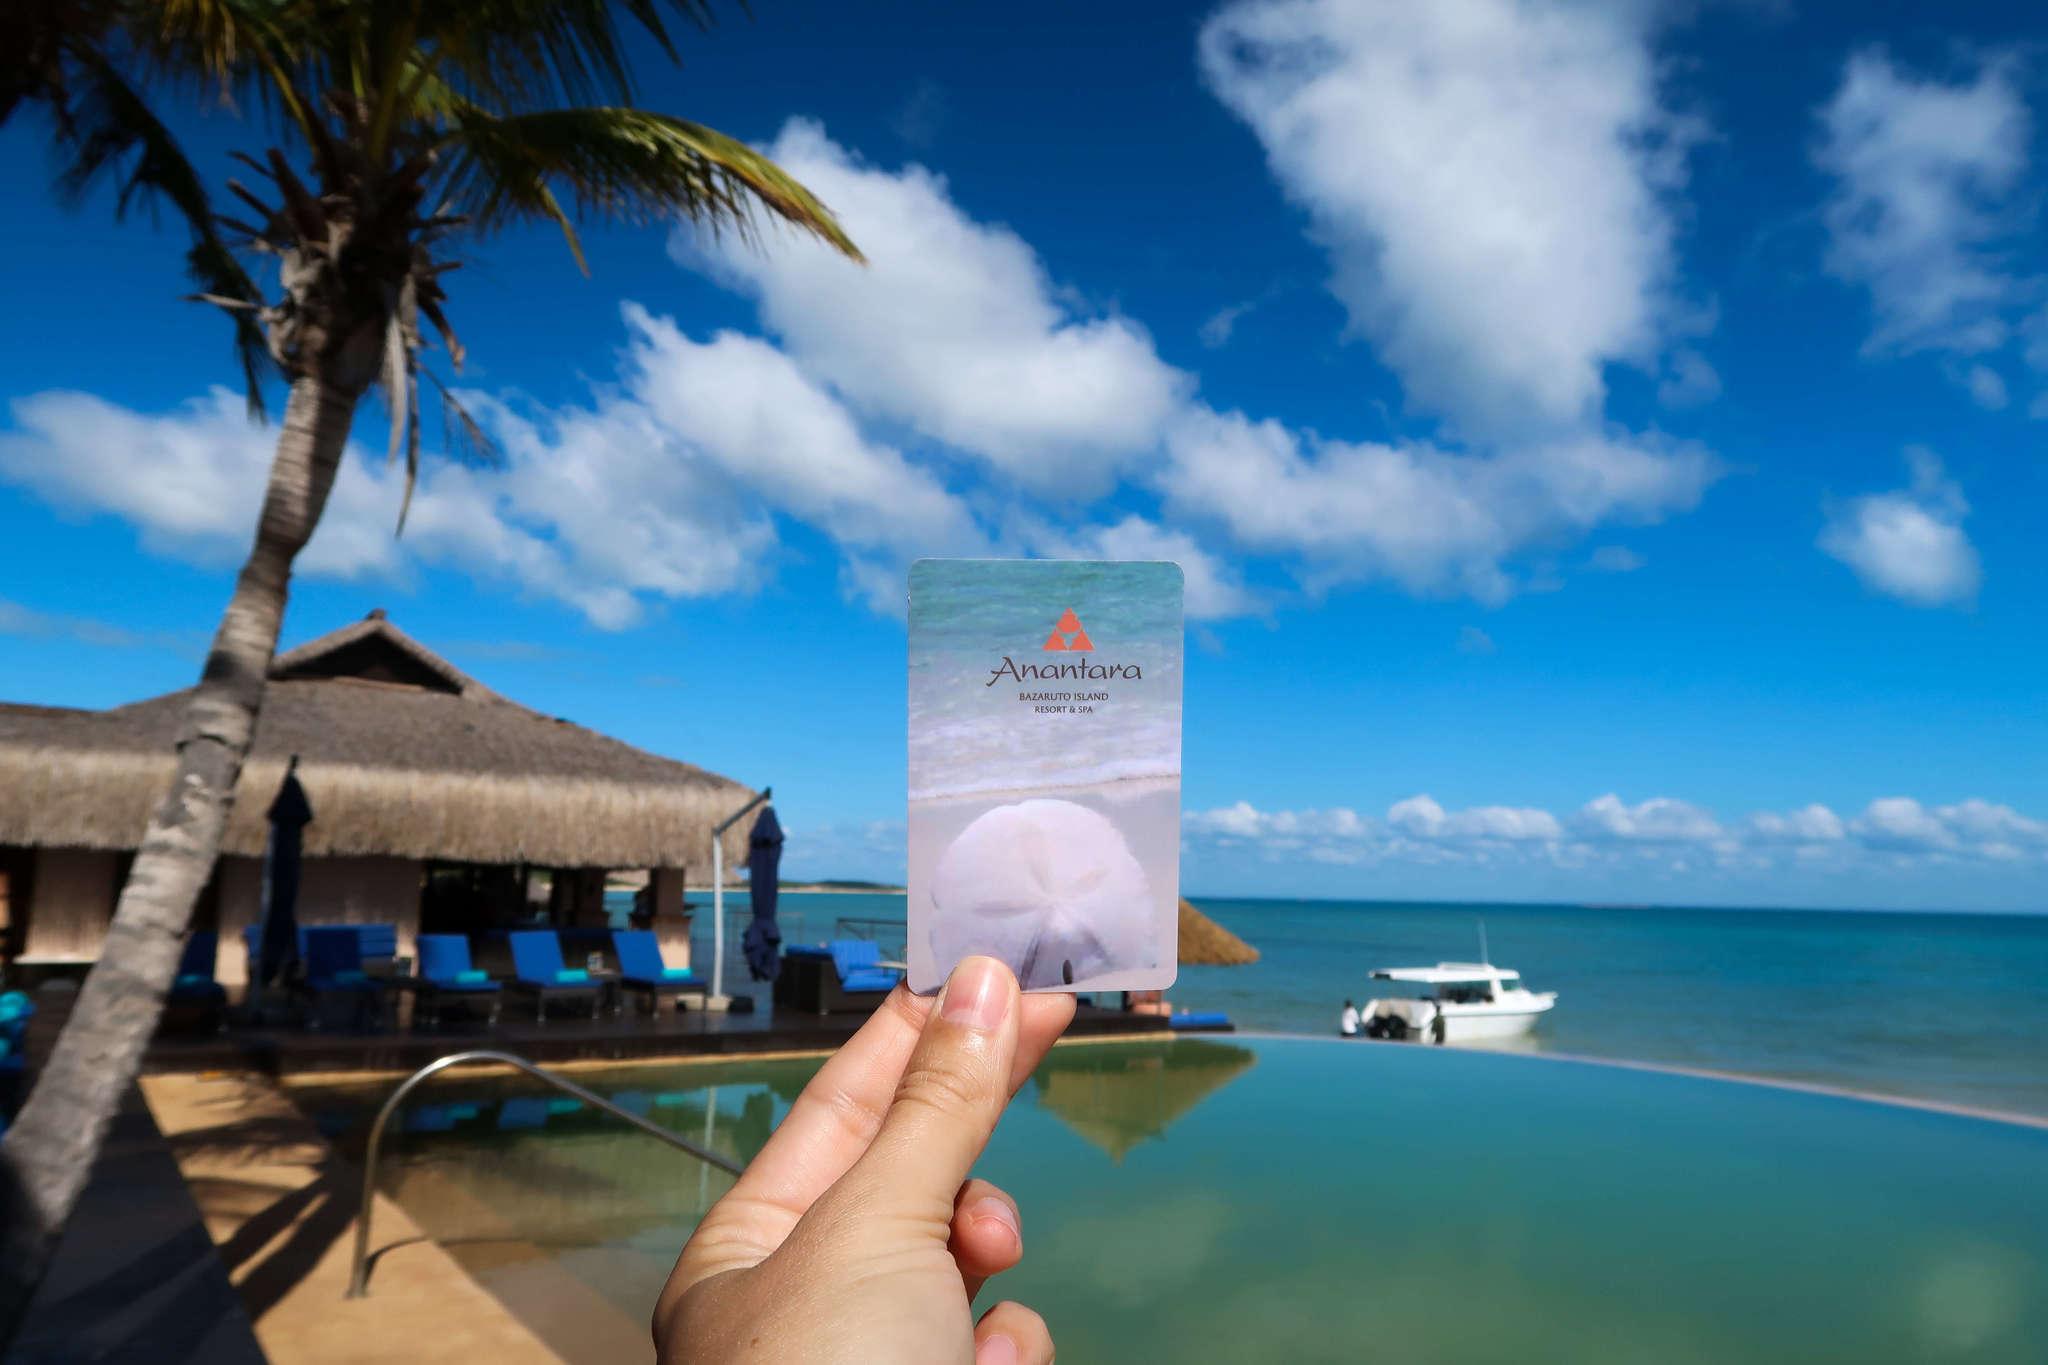 Anatara Bazaruto hotel key card